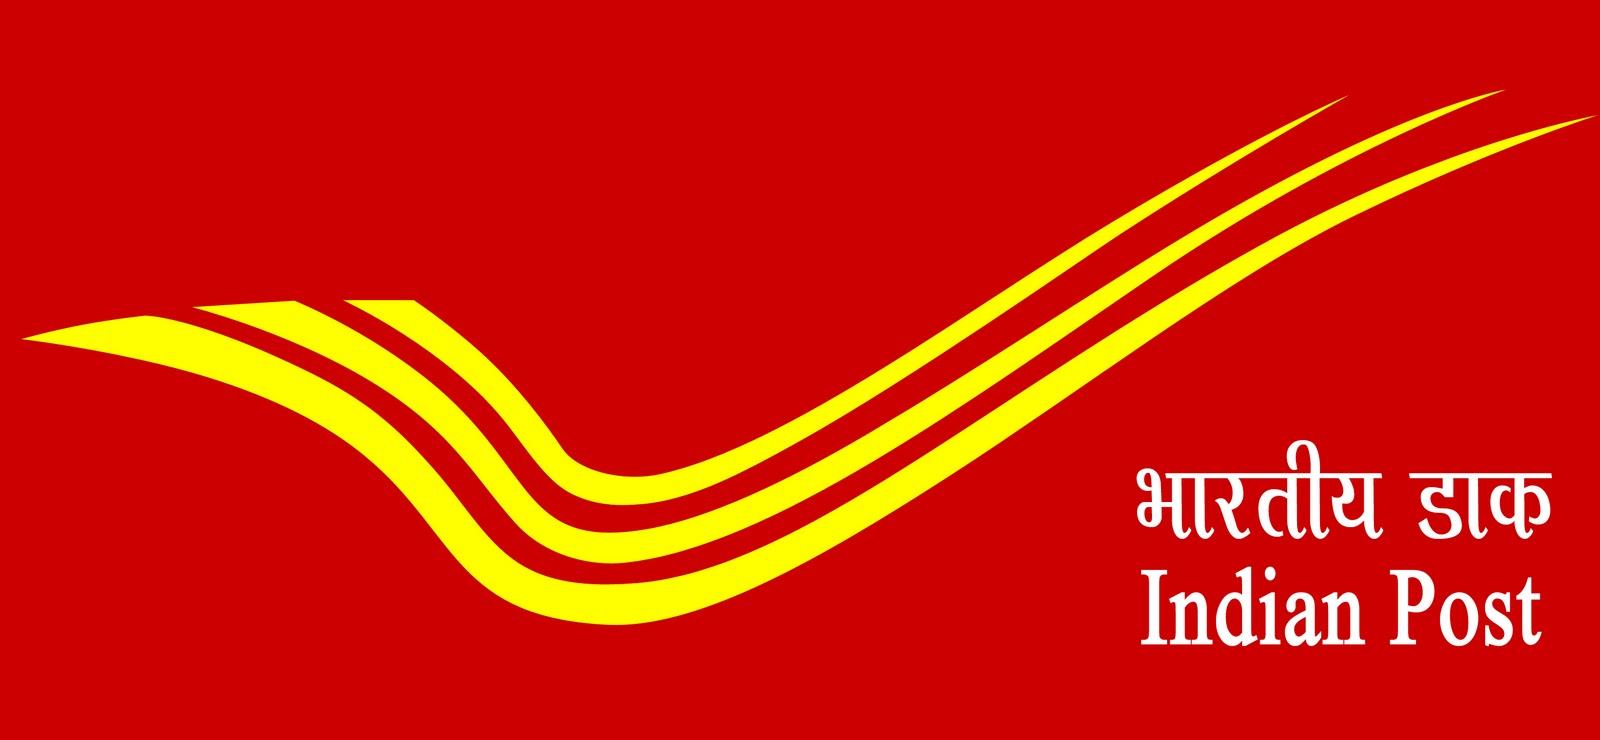 Postal Department Hiring 46 Multitasking Staff In Andhra Pradesh